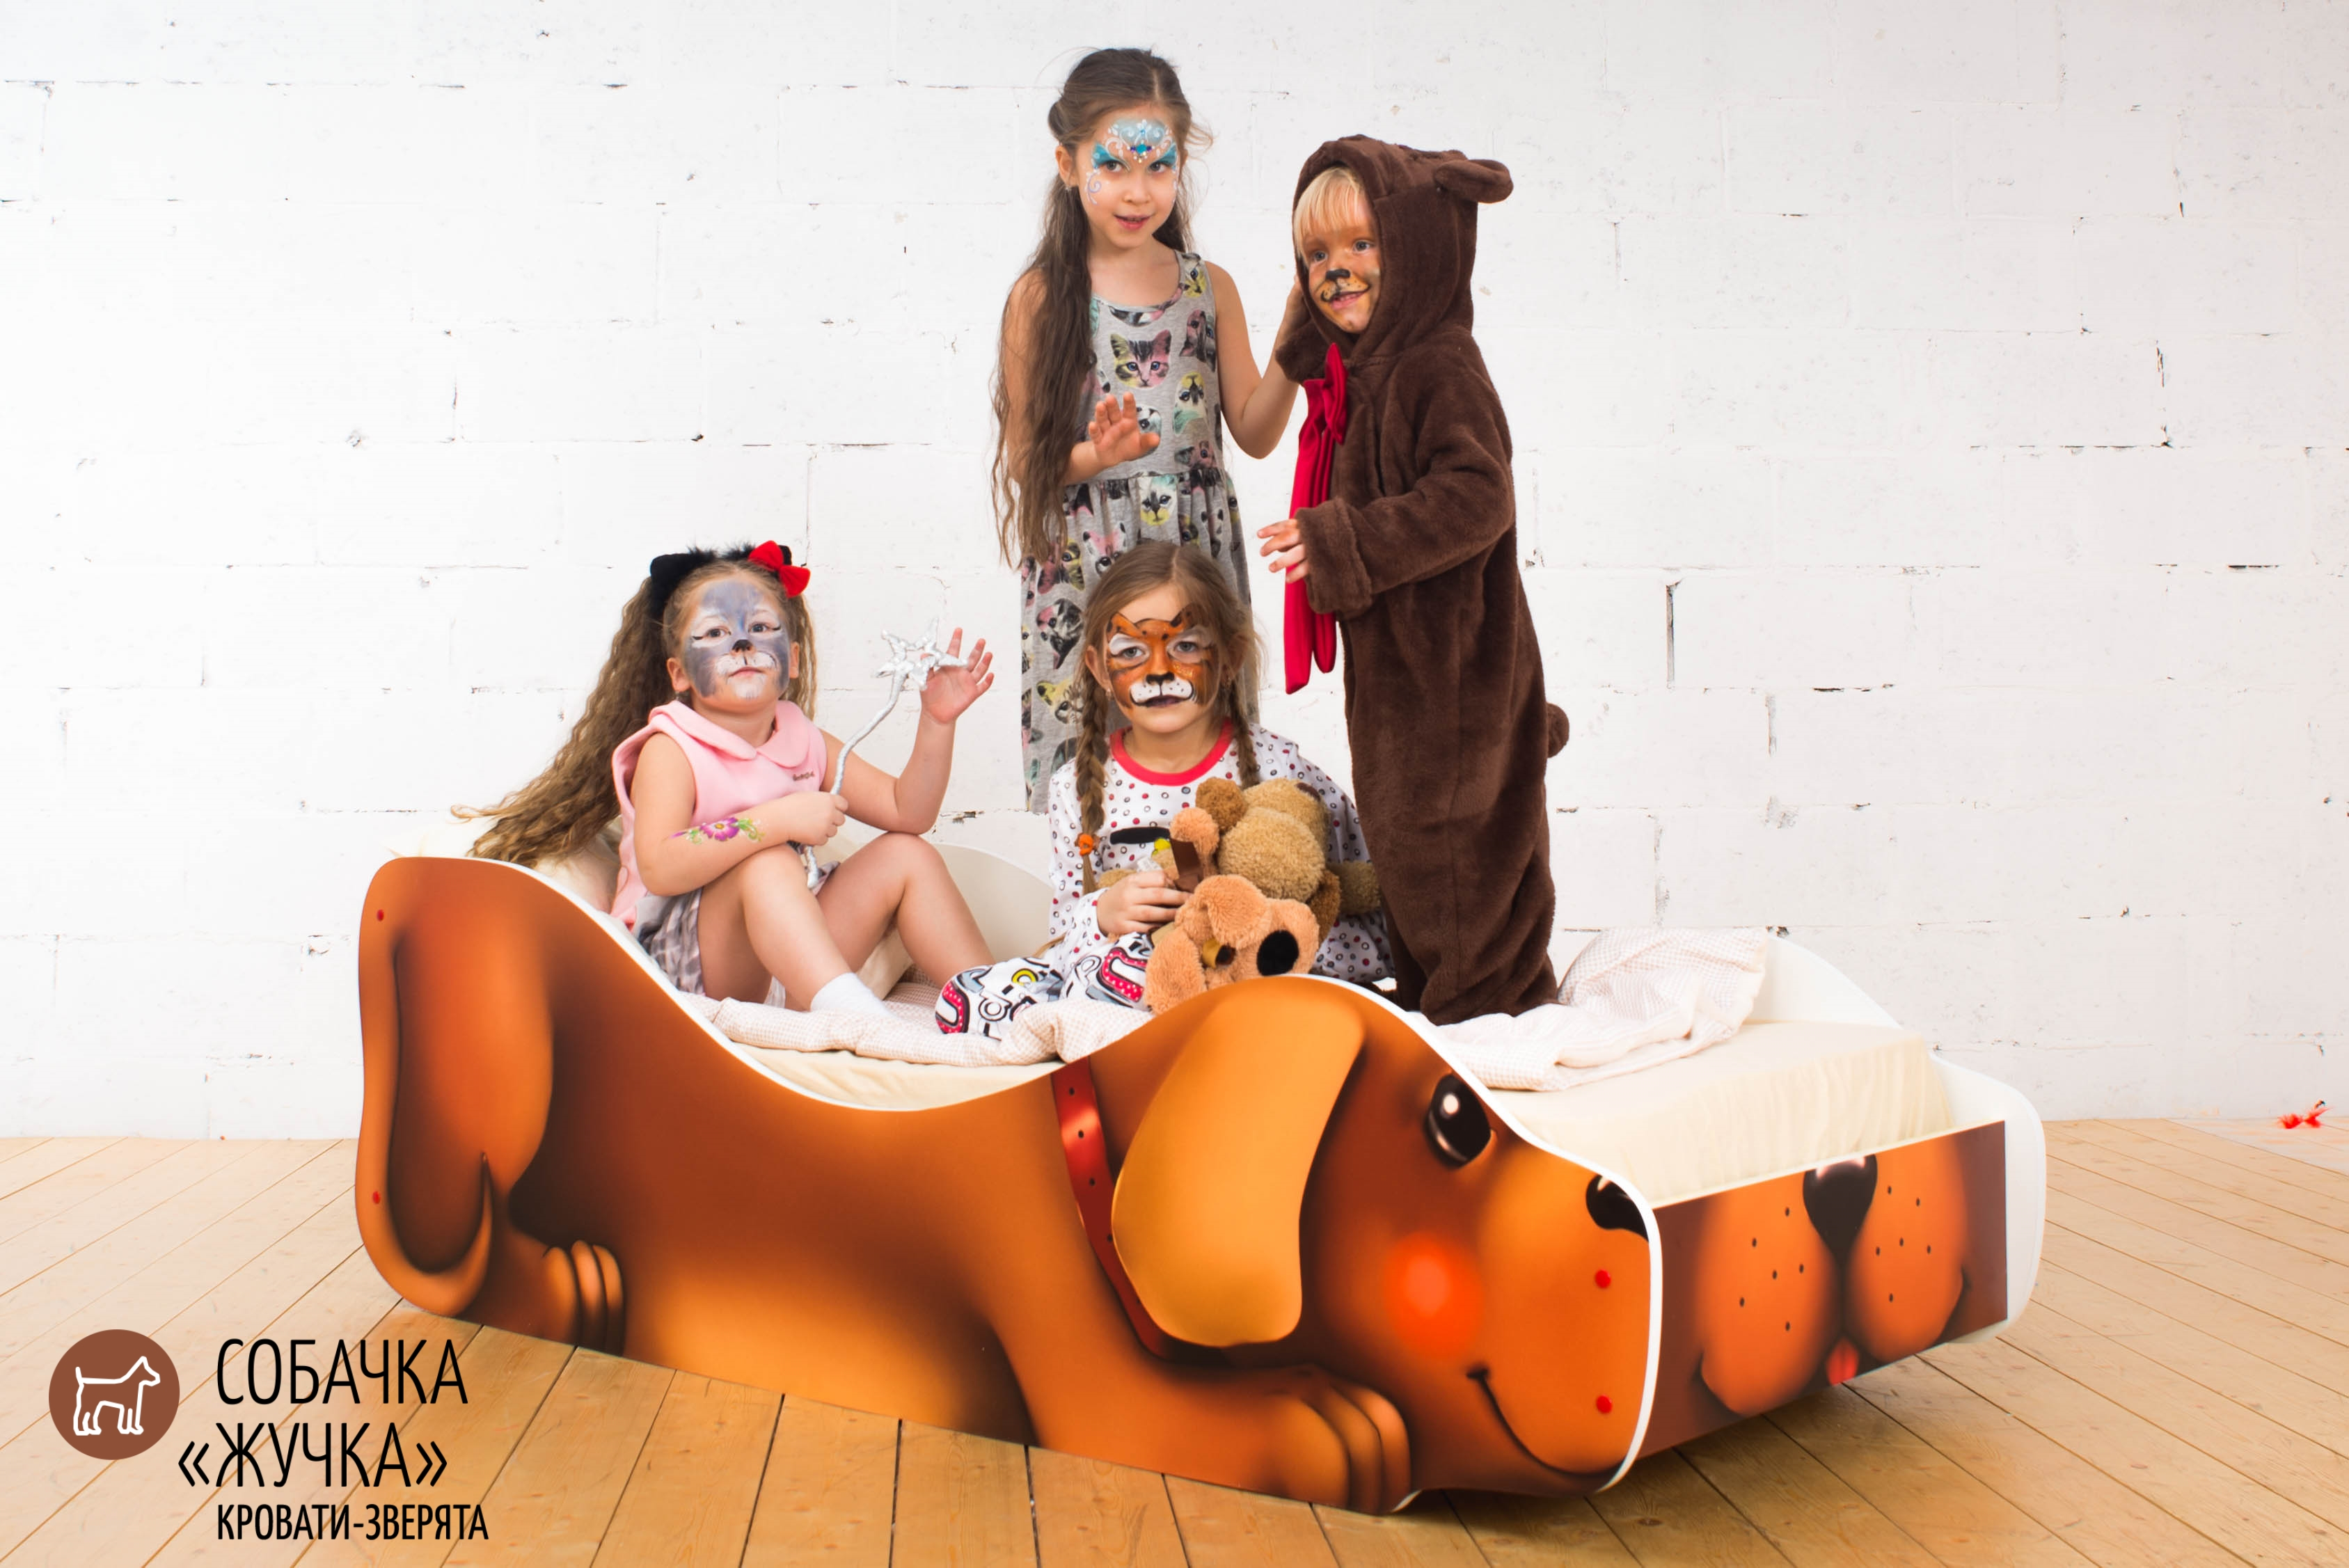 Детская кровать-зверенок -Собачка-Жучка-8